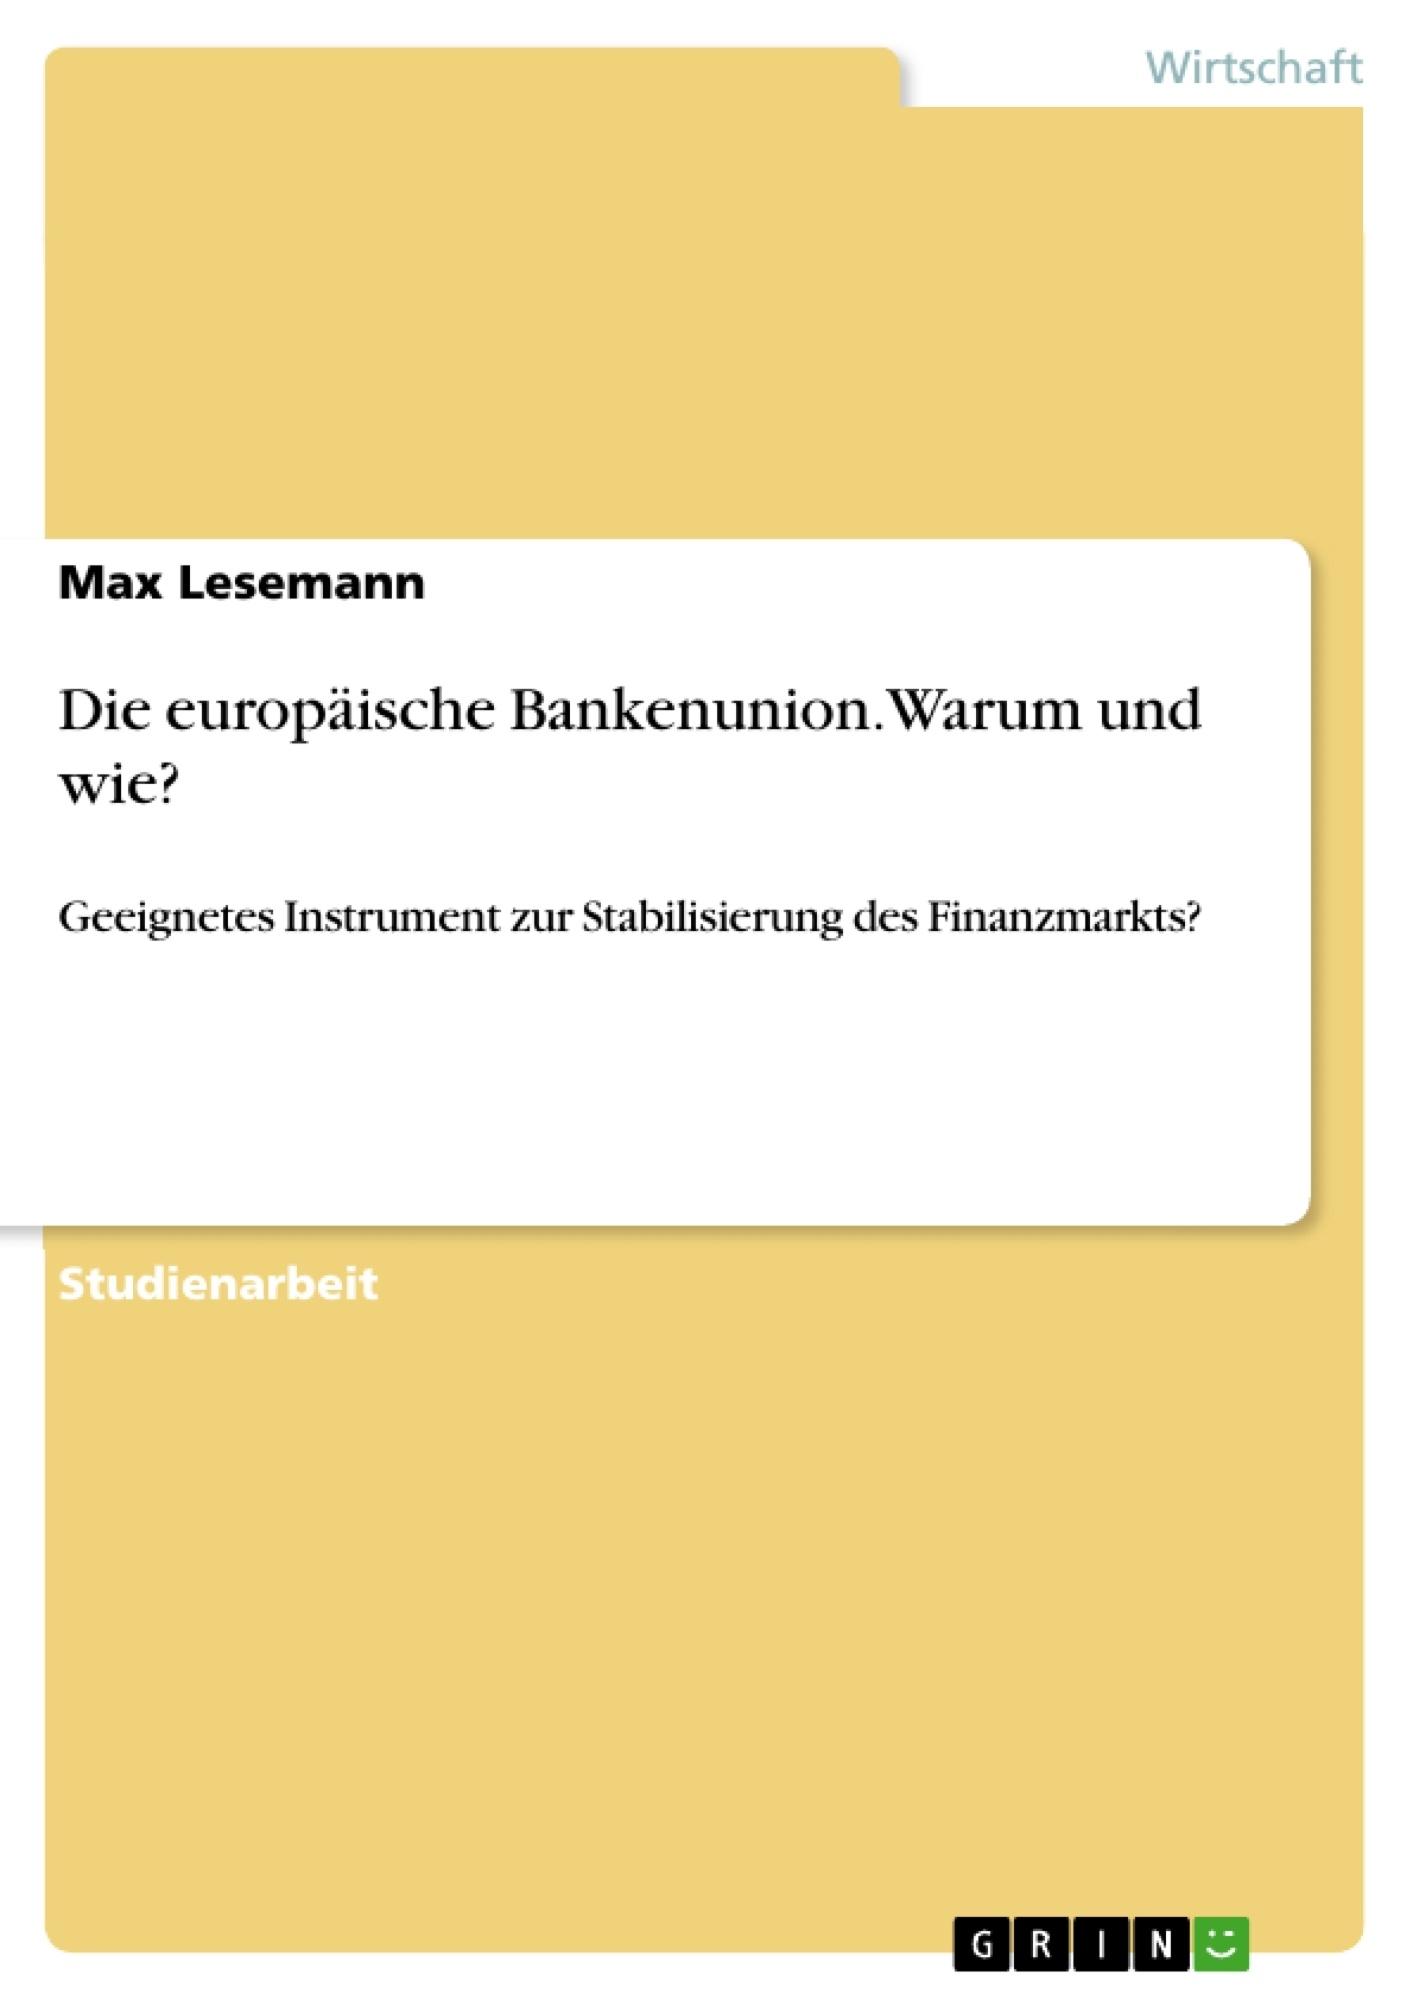 Titel: Die europäische Bankenunion. Warum und wie?